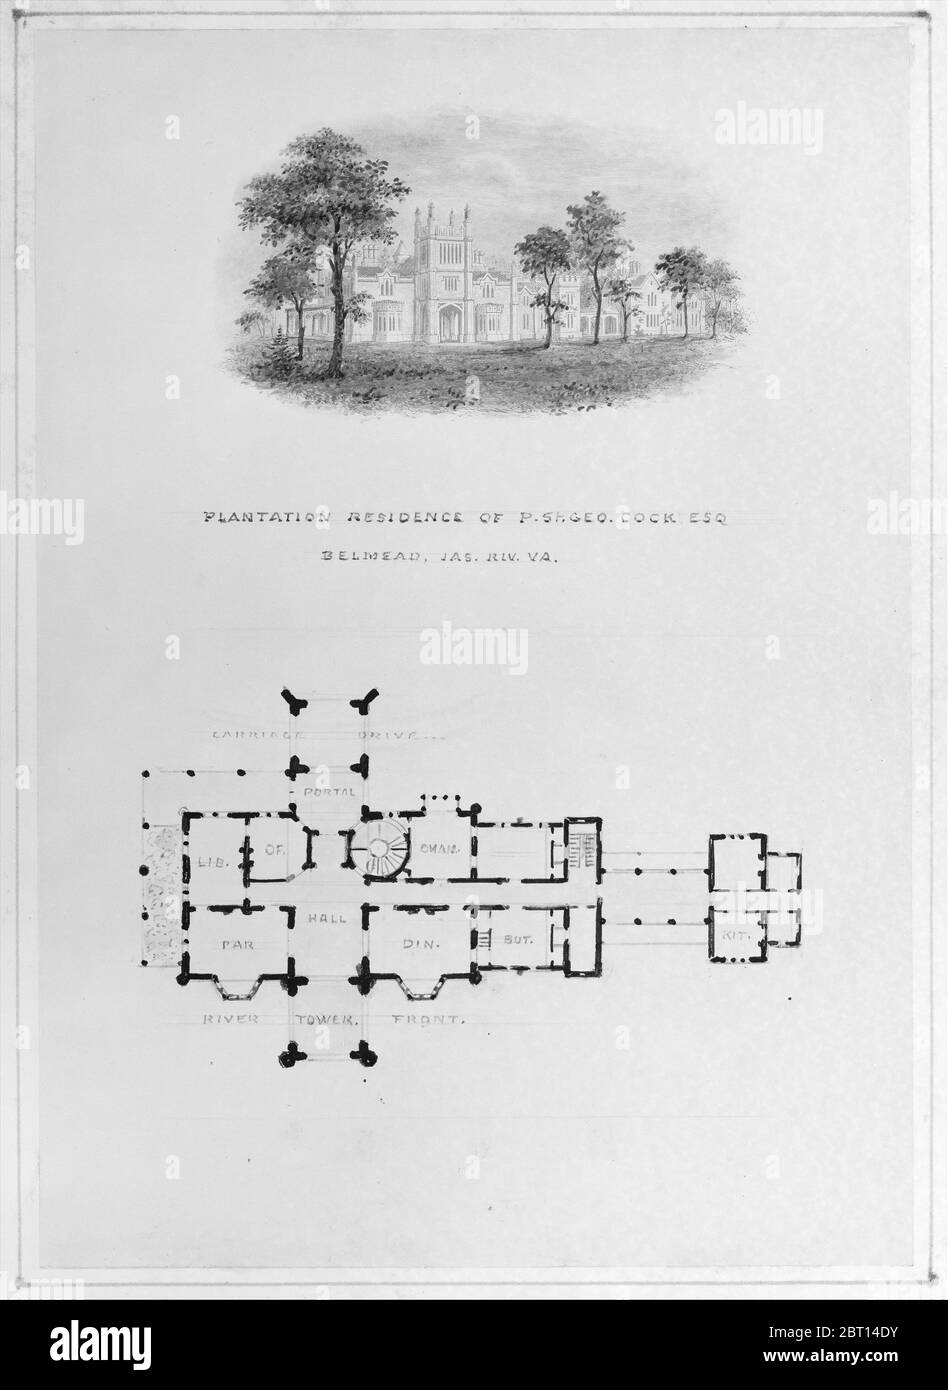 Belmead, James River, Virginie (vignette d'élévation et plan de la rivière), env. 1850. Banque D'Images